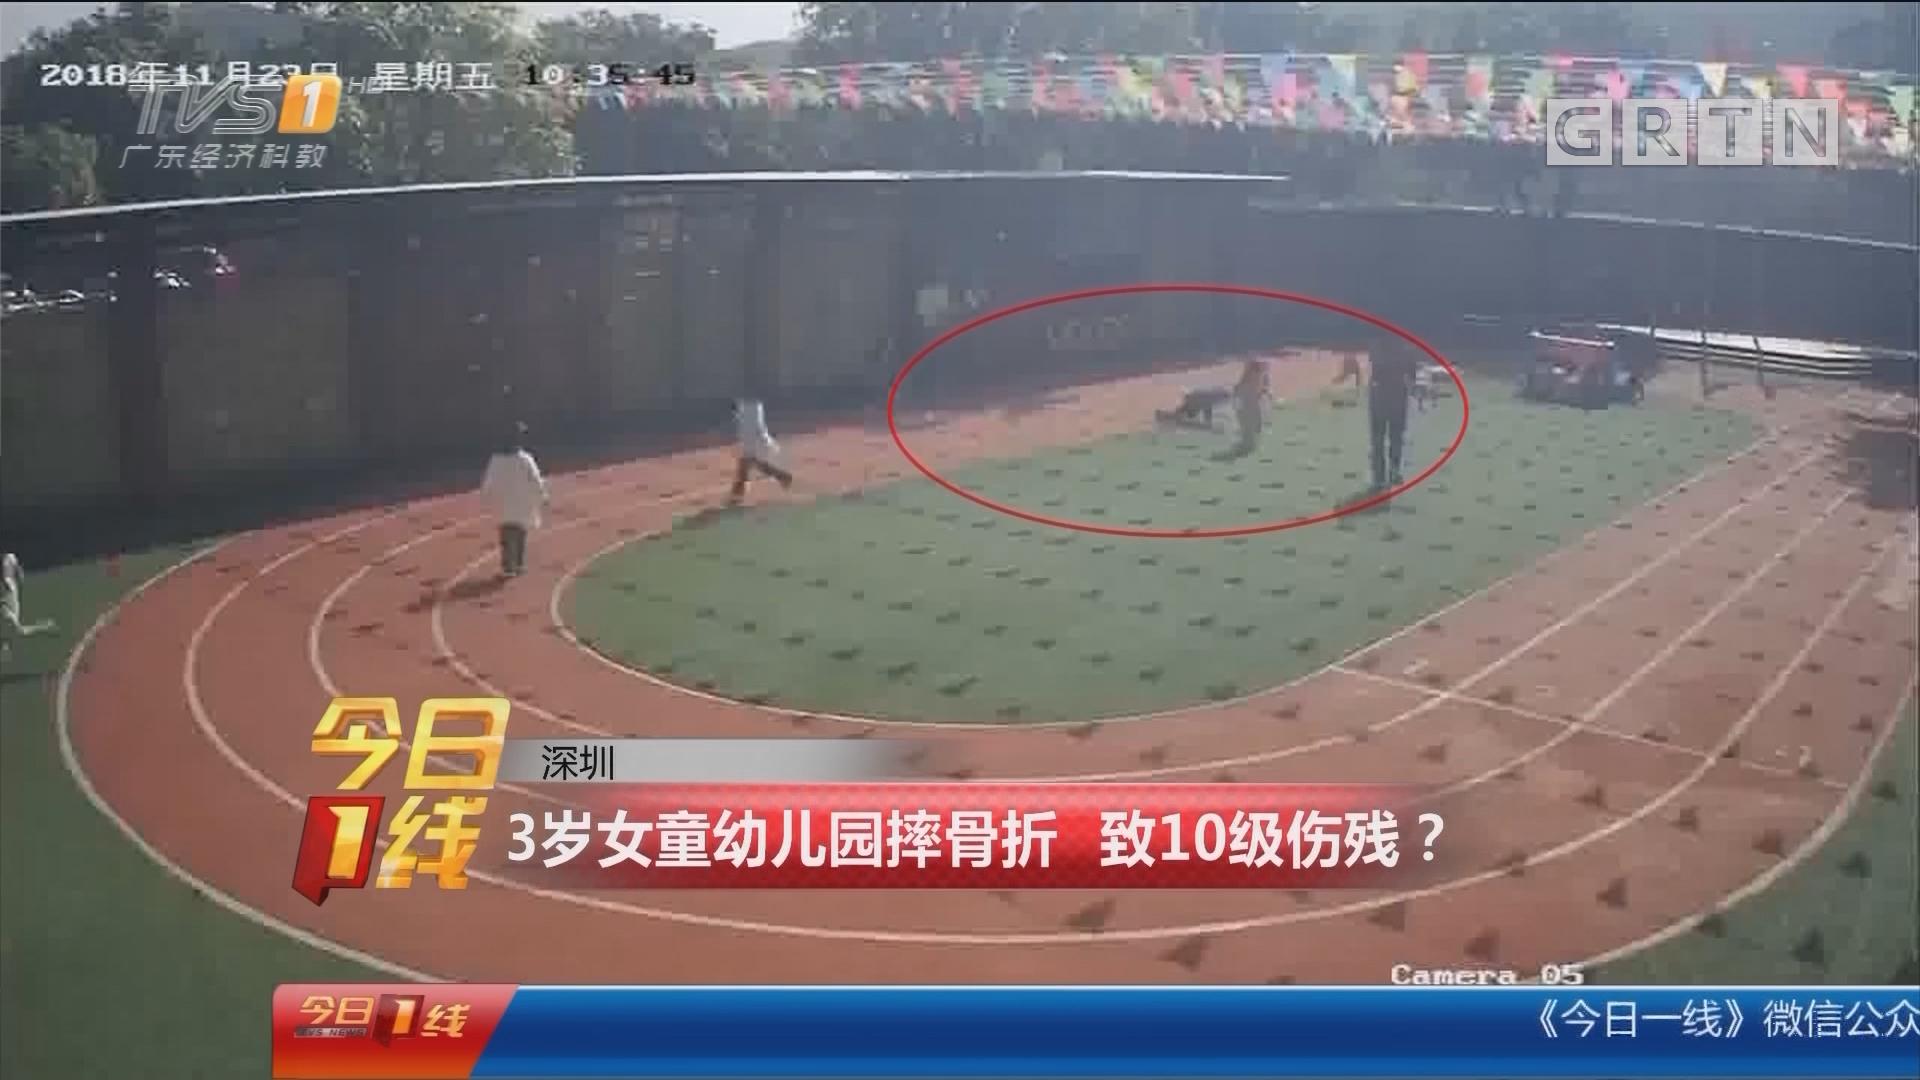 深圳:3岁女童幼儿园摔骨折 致10级伤残?